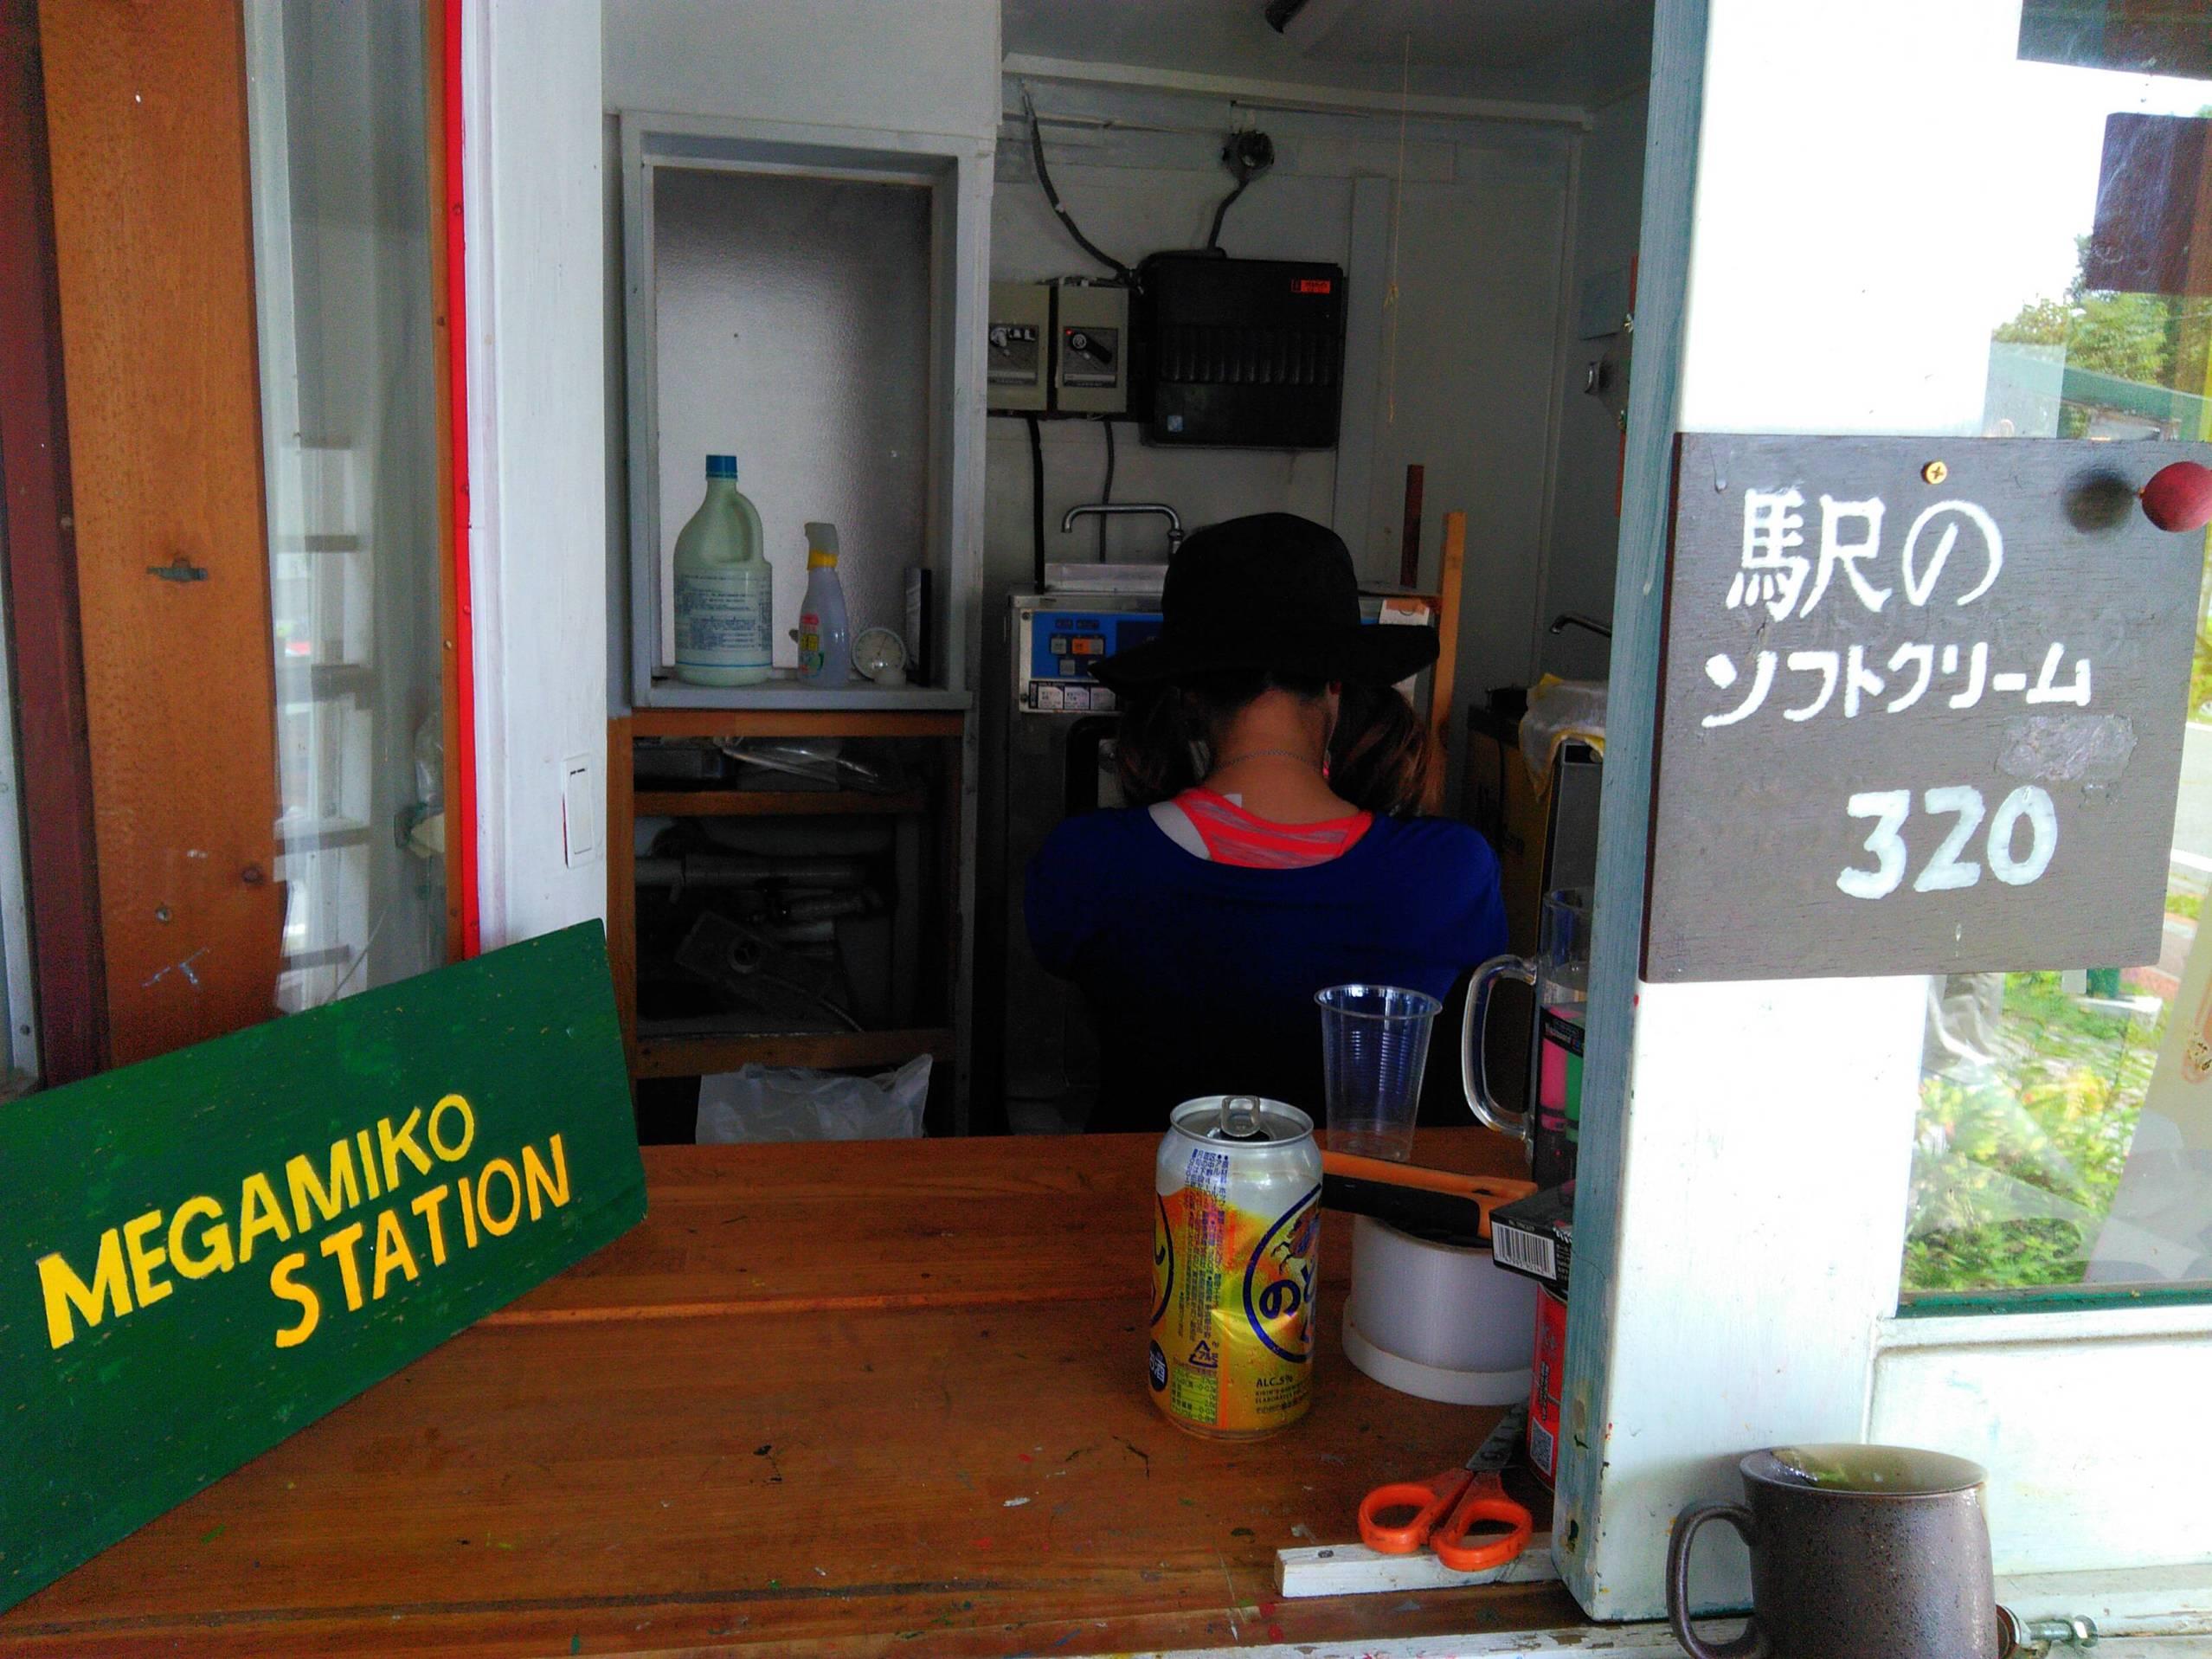 カフェレストラン 女神湖駅 name=